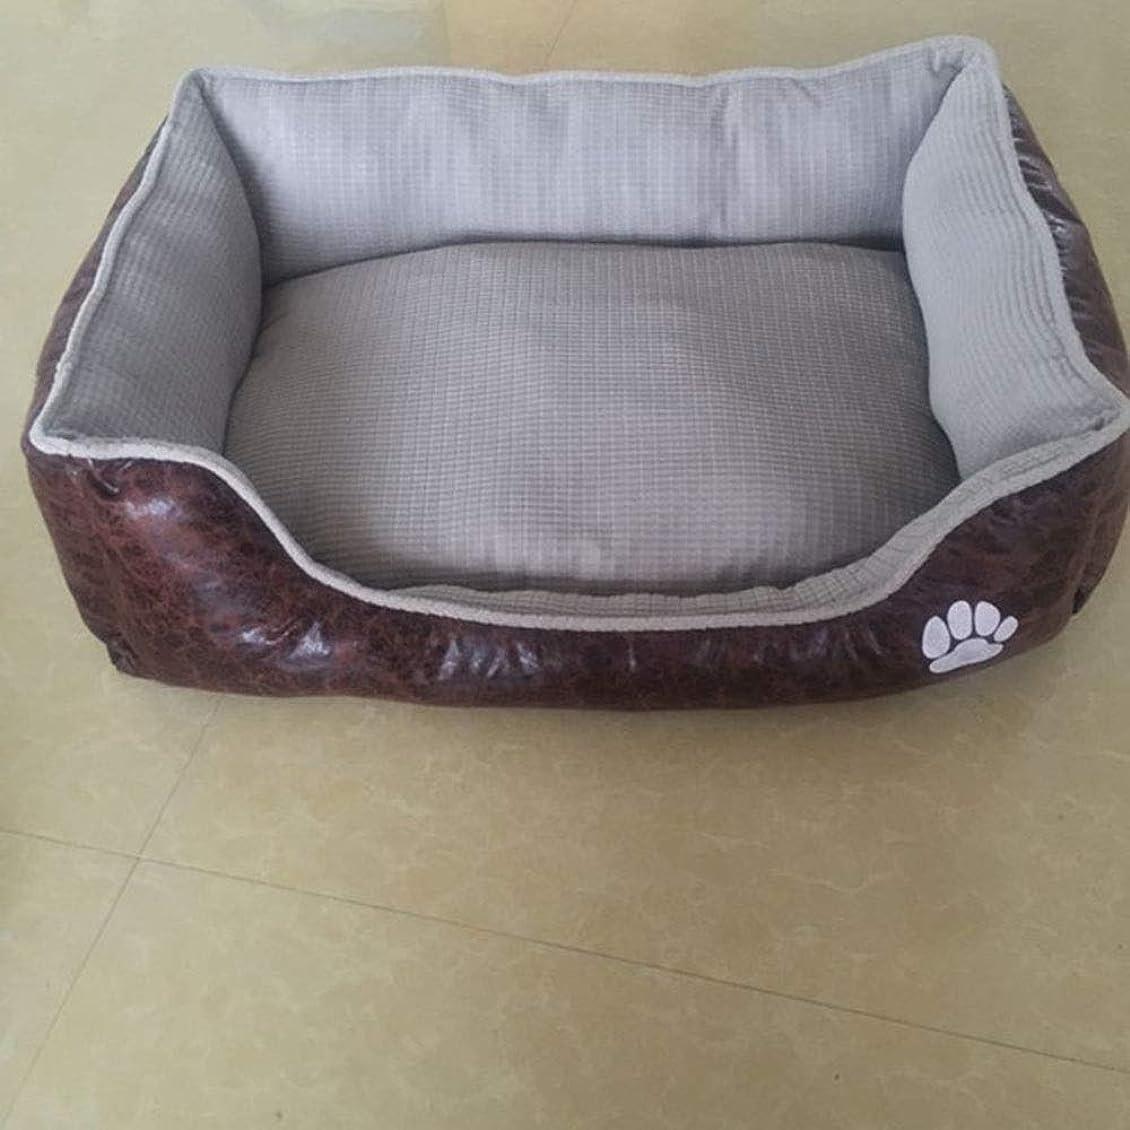 膨張する予防接種確認LilyAngel ペット巣ファッション防水ペットパッド猫ソファベッド (色 : グレー, サイズ : 90*70*20cm)